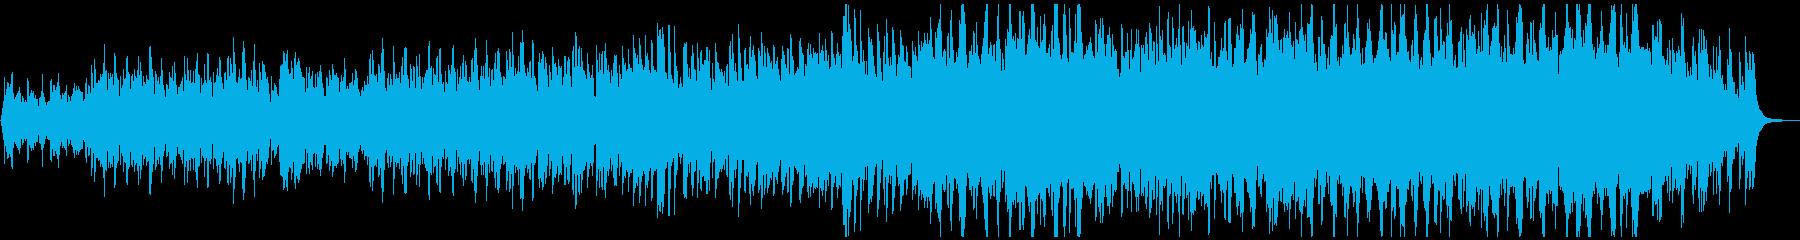 【リズム抜き】初夏~夏をイメージしたノスの再生済みの波形